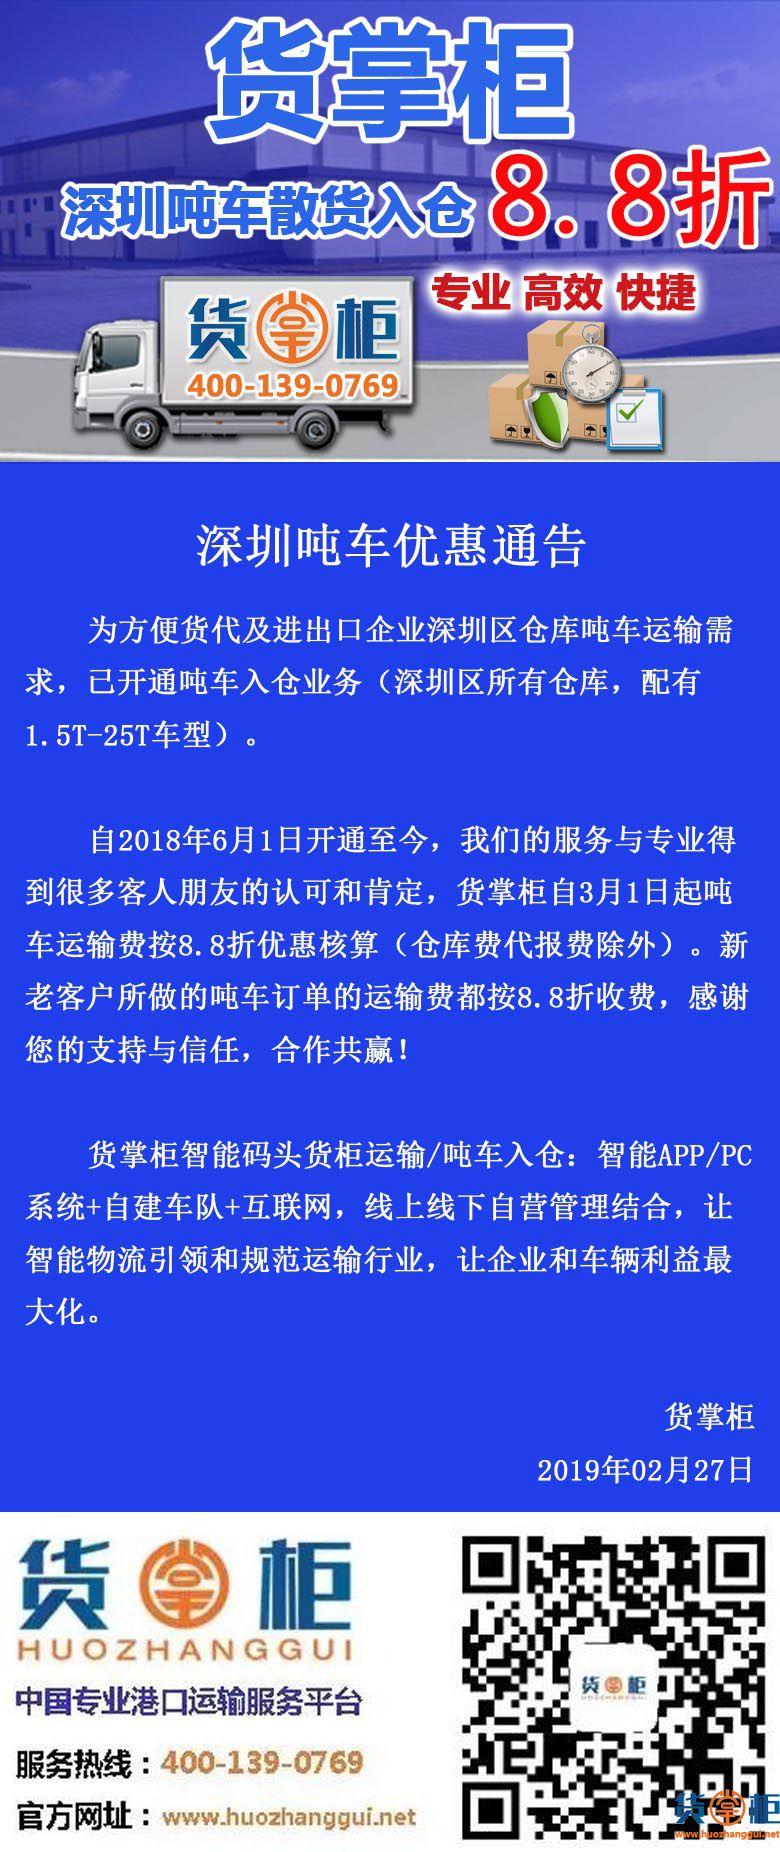 深圳吨车散货入仓优惠活动8.8折!!-货掌柜www.huozhanggui.net